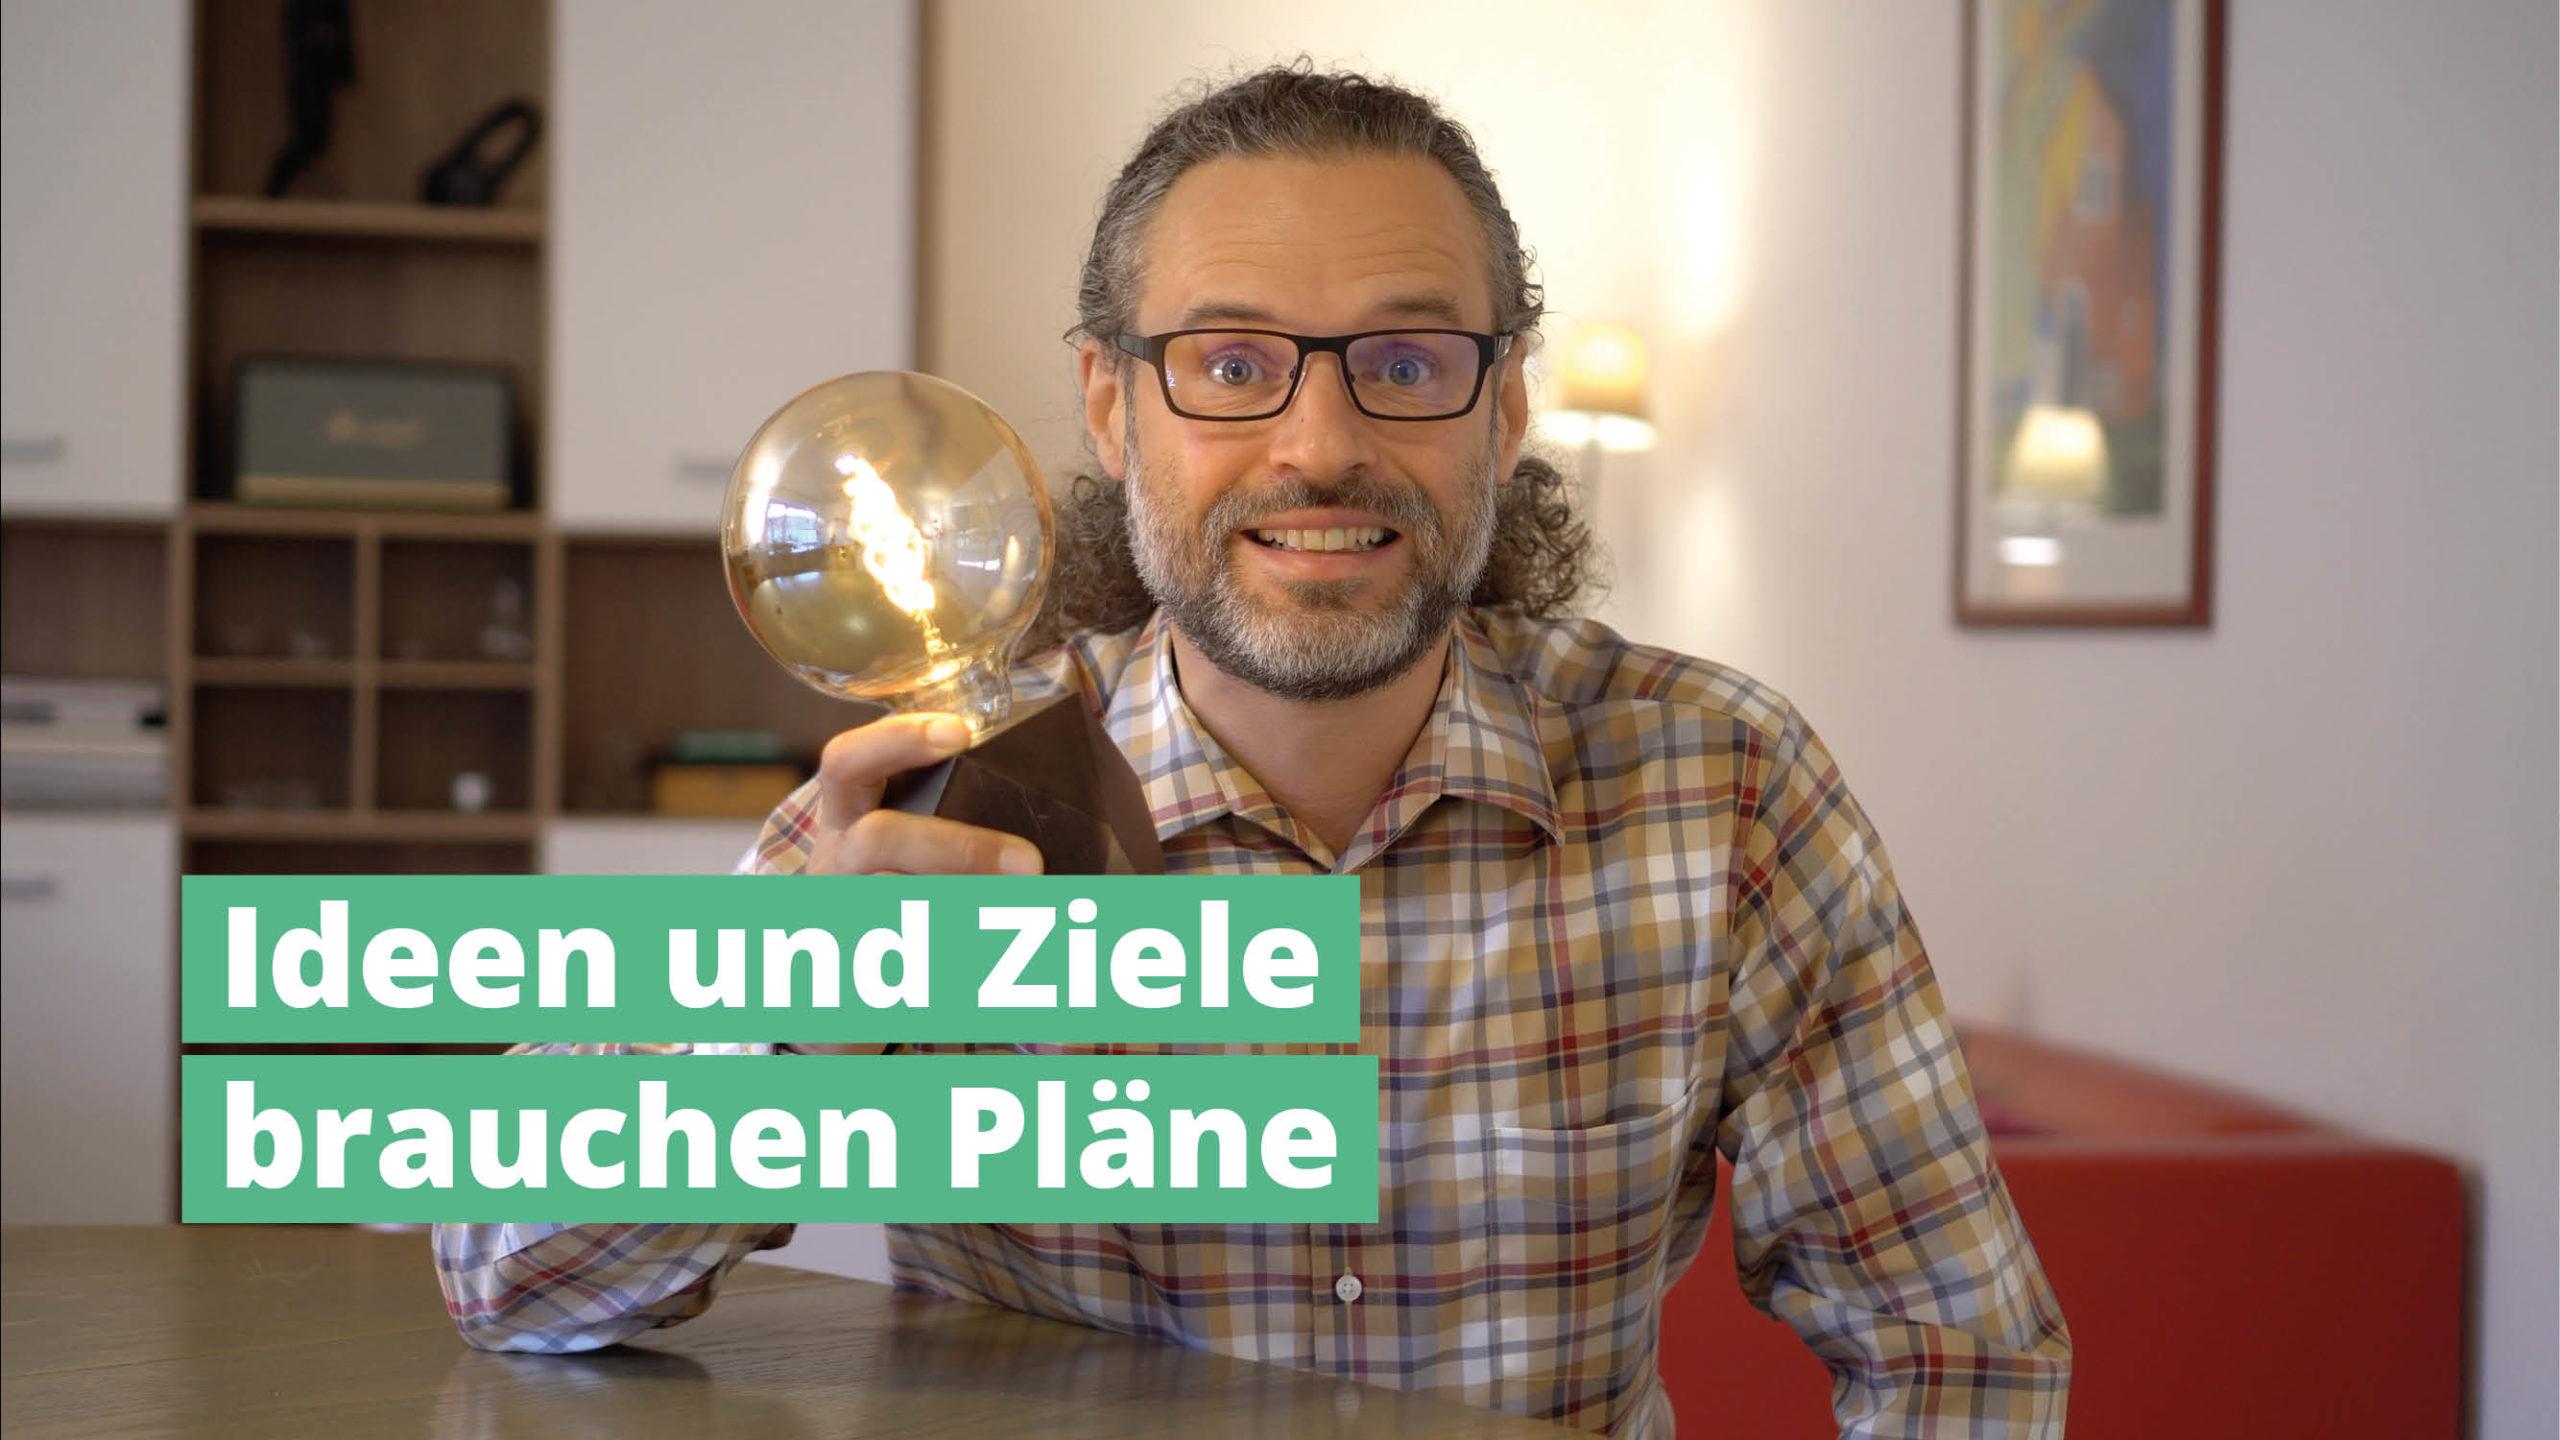 Verein Thumbnail_converted Idden und Ziele